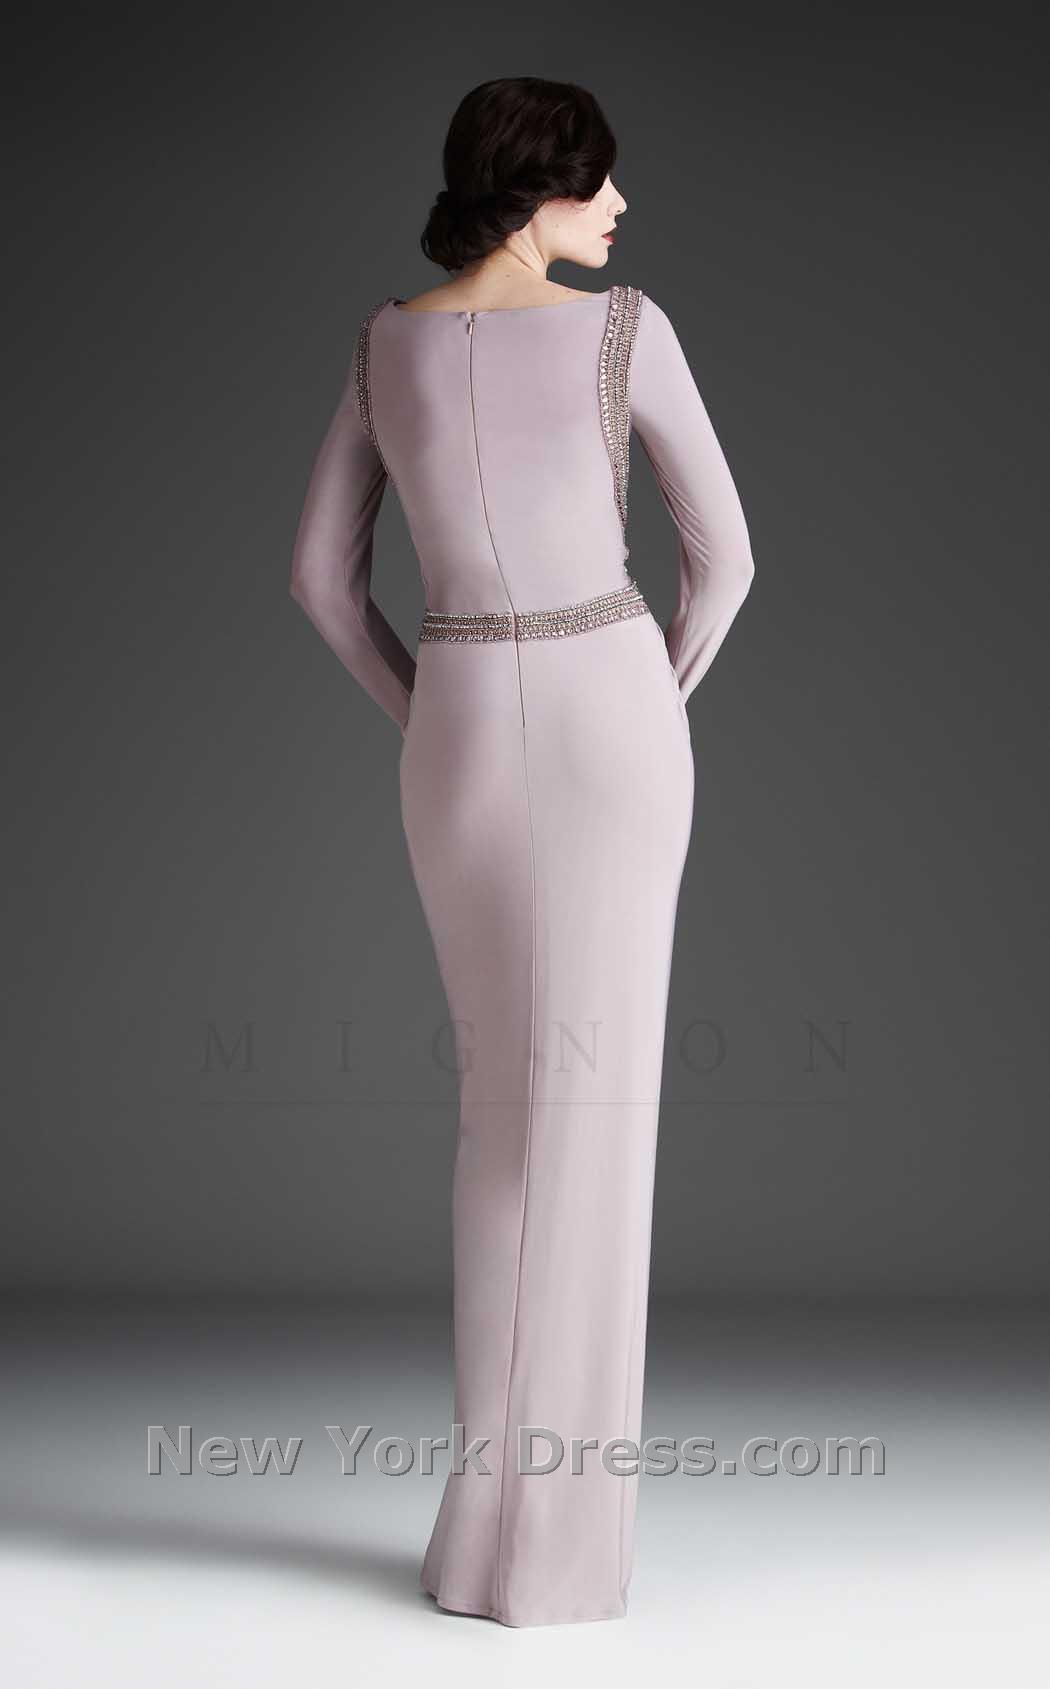 آموزش یقه خرگوشی مدل لباس جدید ایرانی و اروپایی - مطالب ابر لباس شب یقه خرگوشی